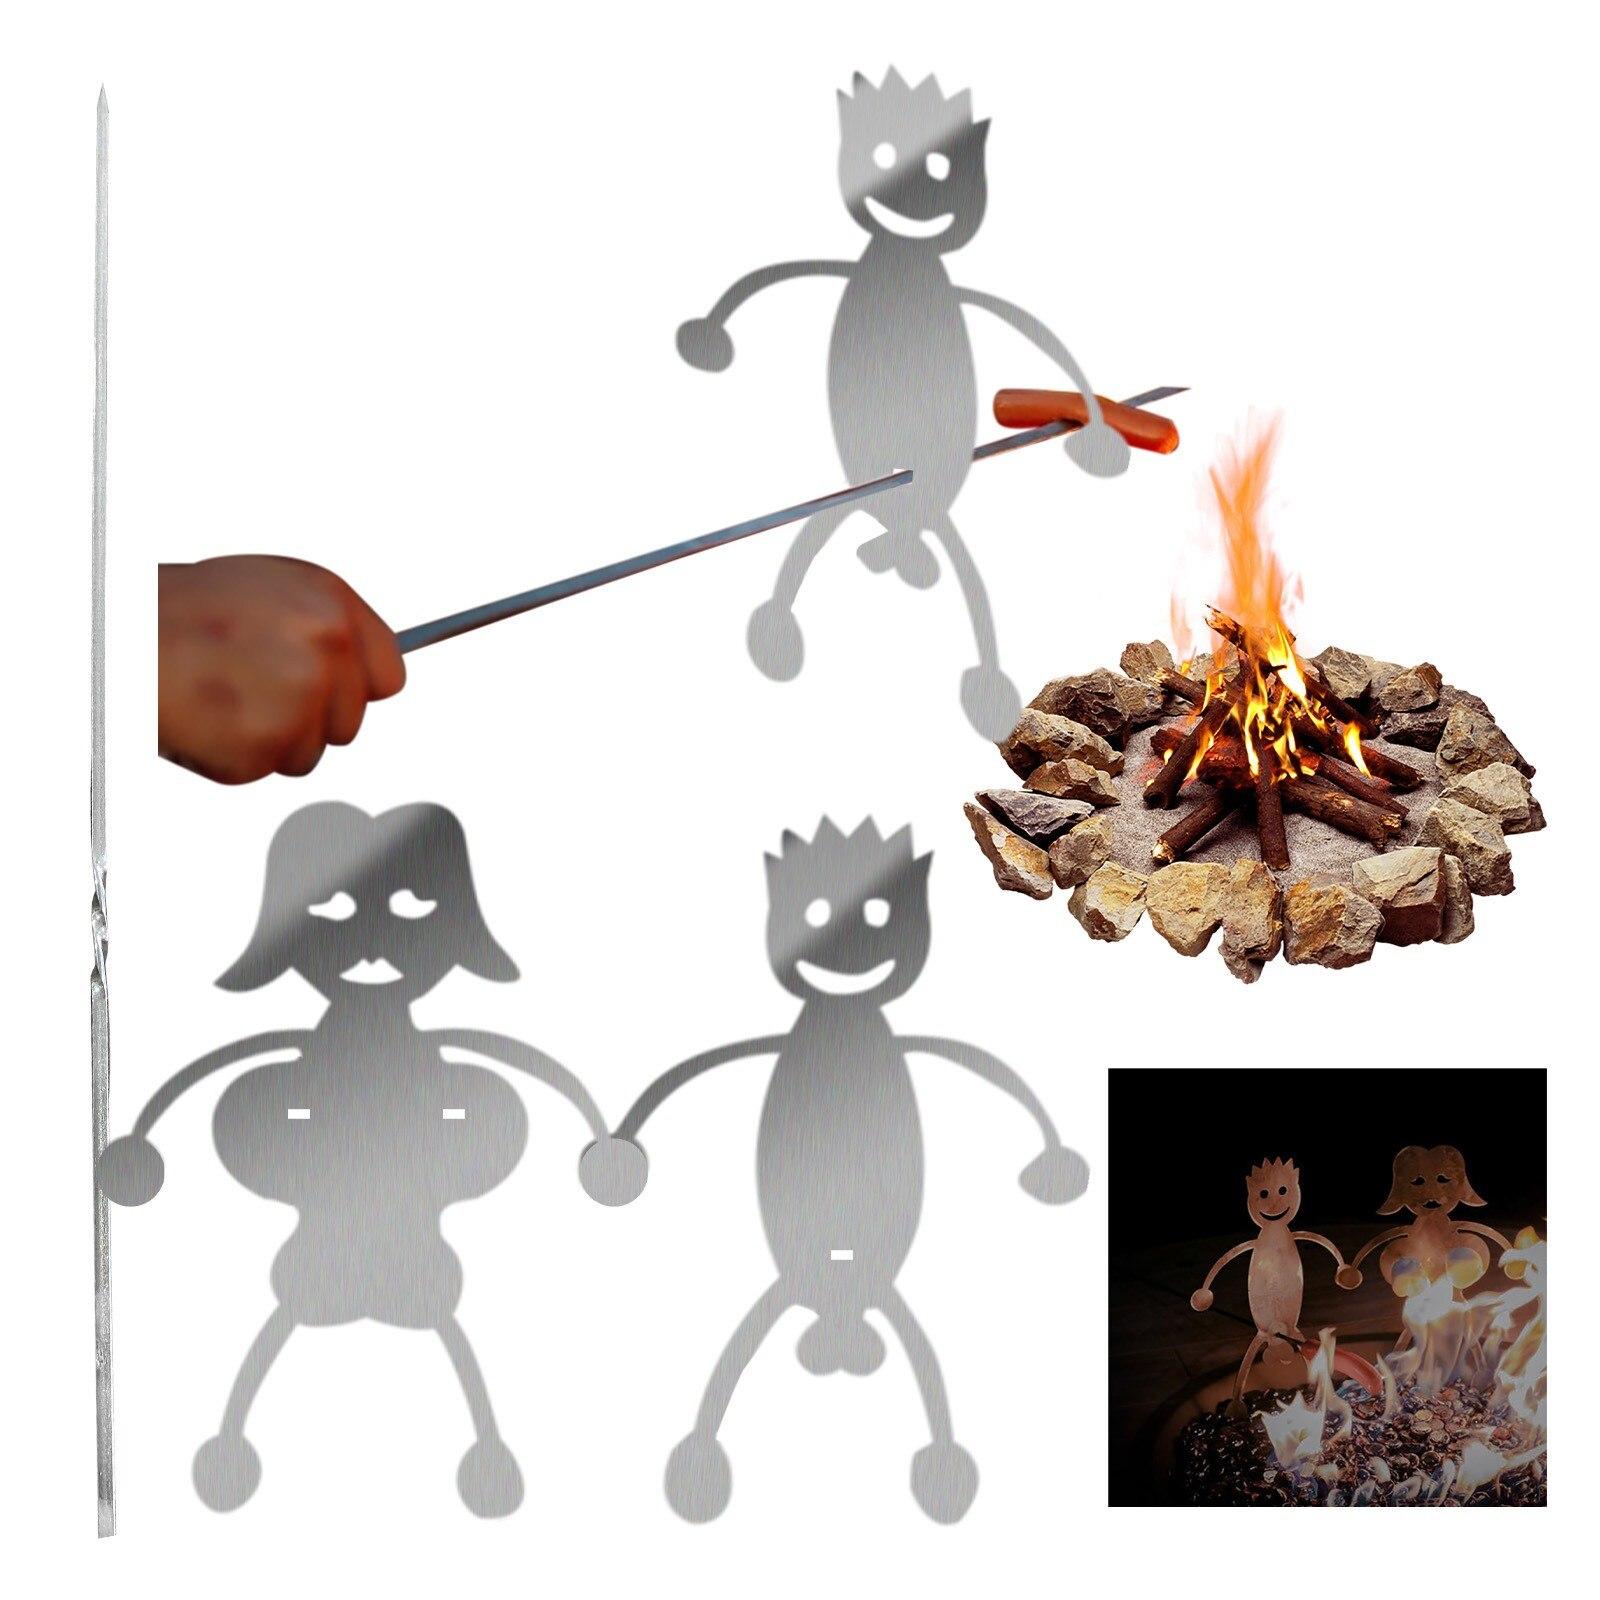 Вилки для барбекю костра и гриль хот дог мальчик человек зефир девочек горелки